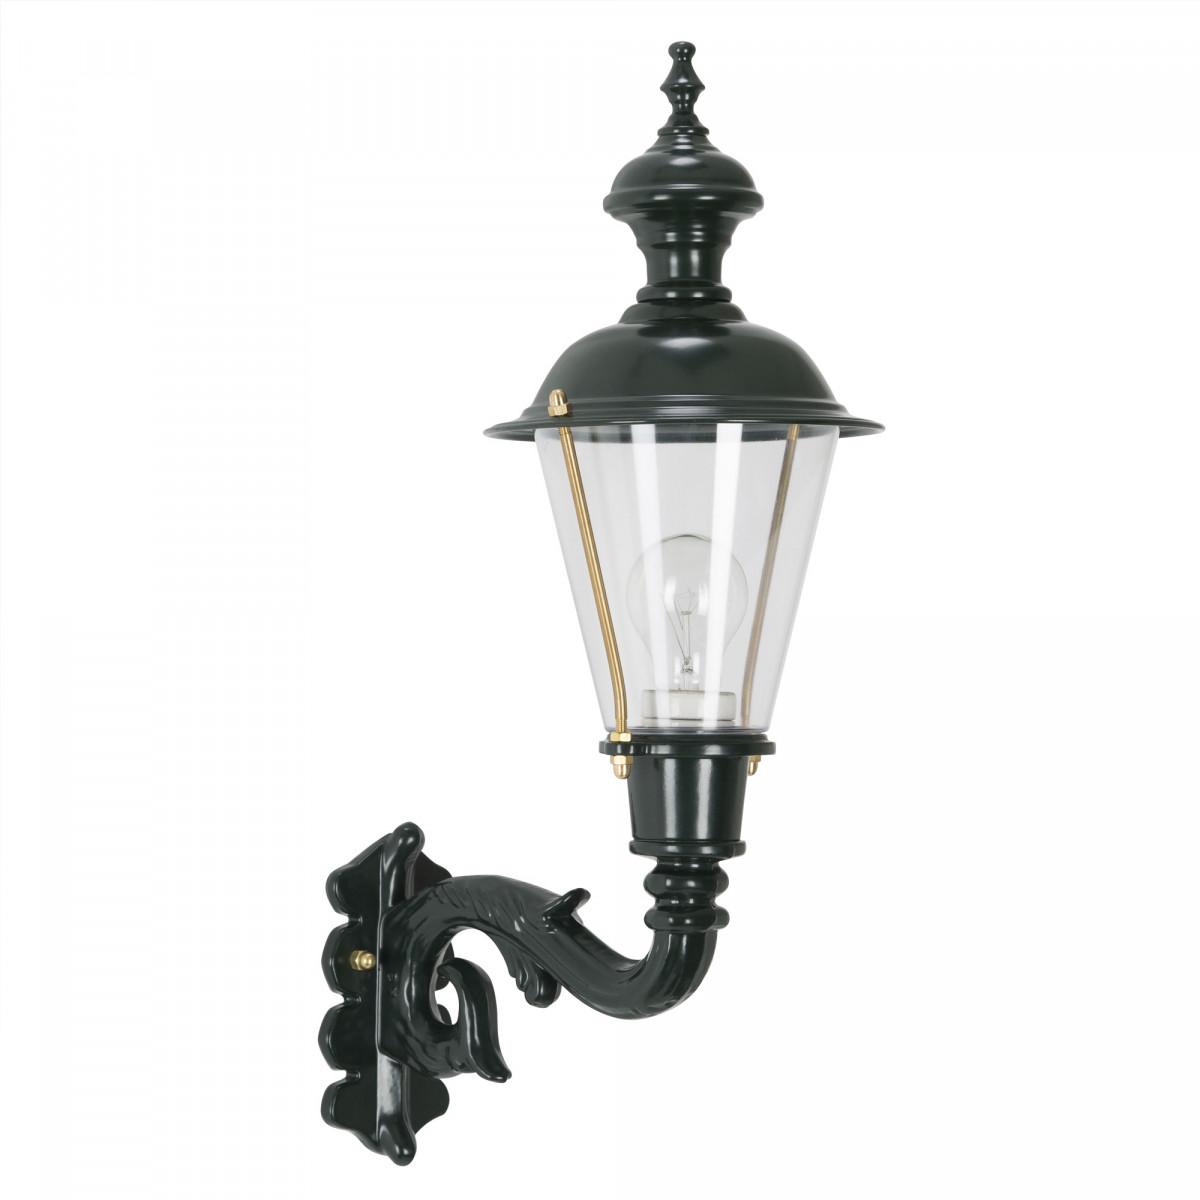 Buitenlamp boerderij - buitenverlichting KS buitenlamp Hoorn staand M - Nostalux